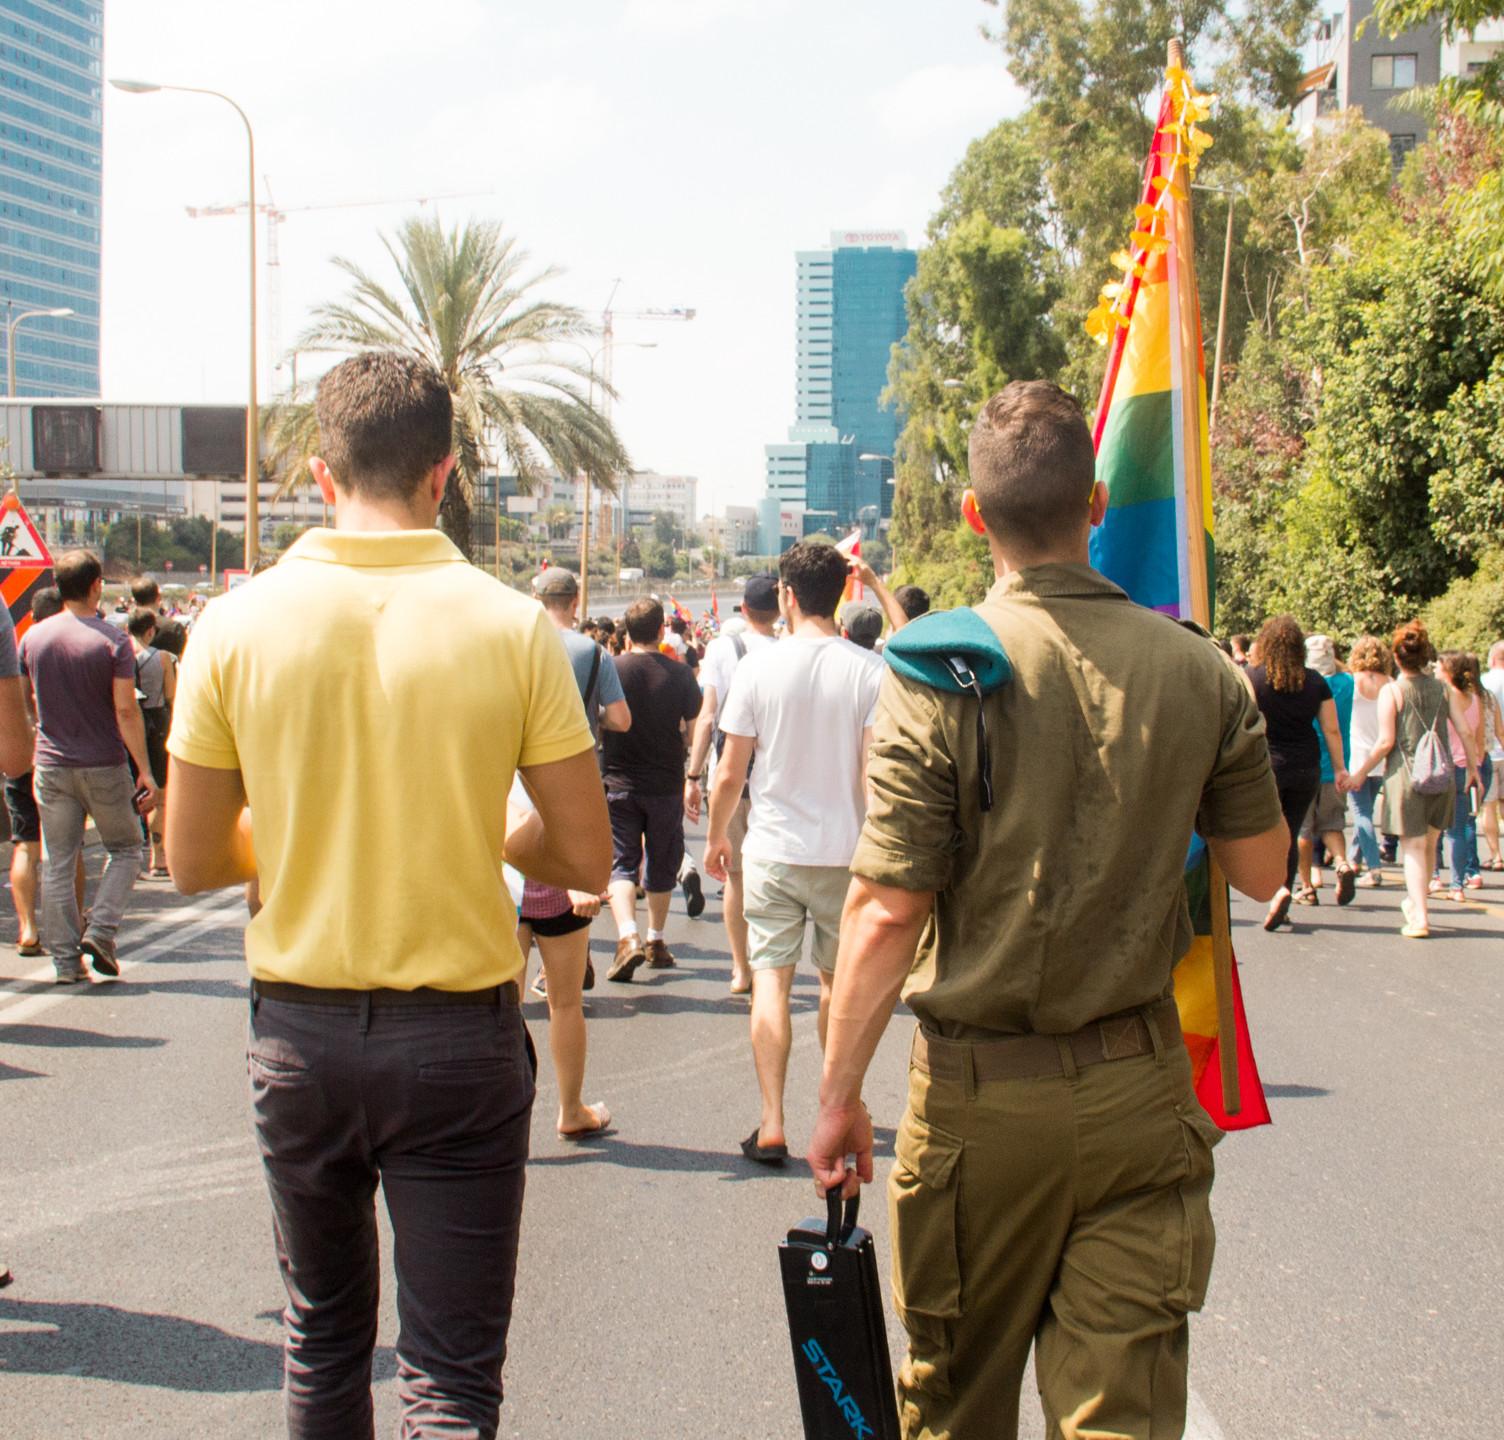 הפגנה לשוויון זכויות-2.jpg